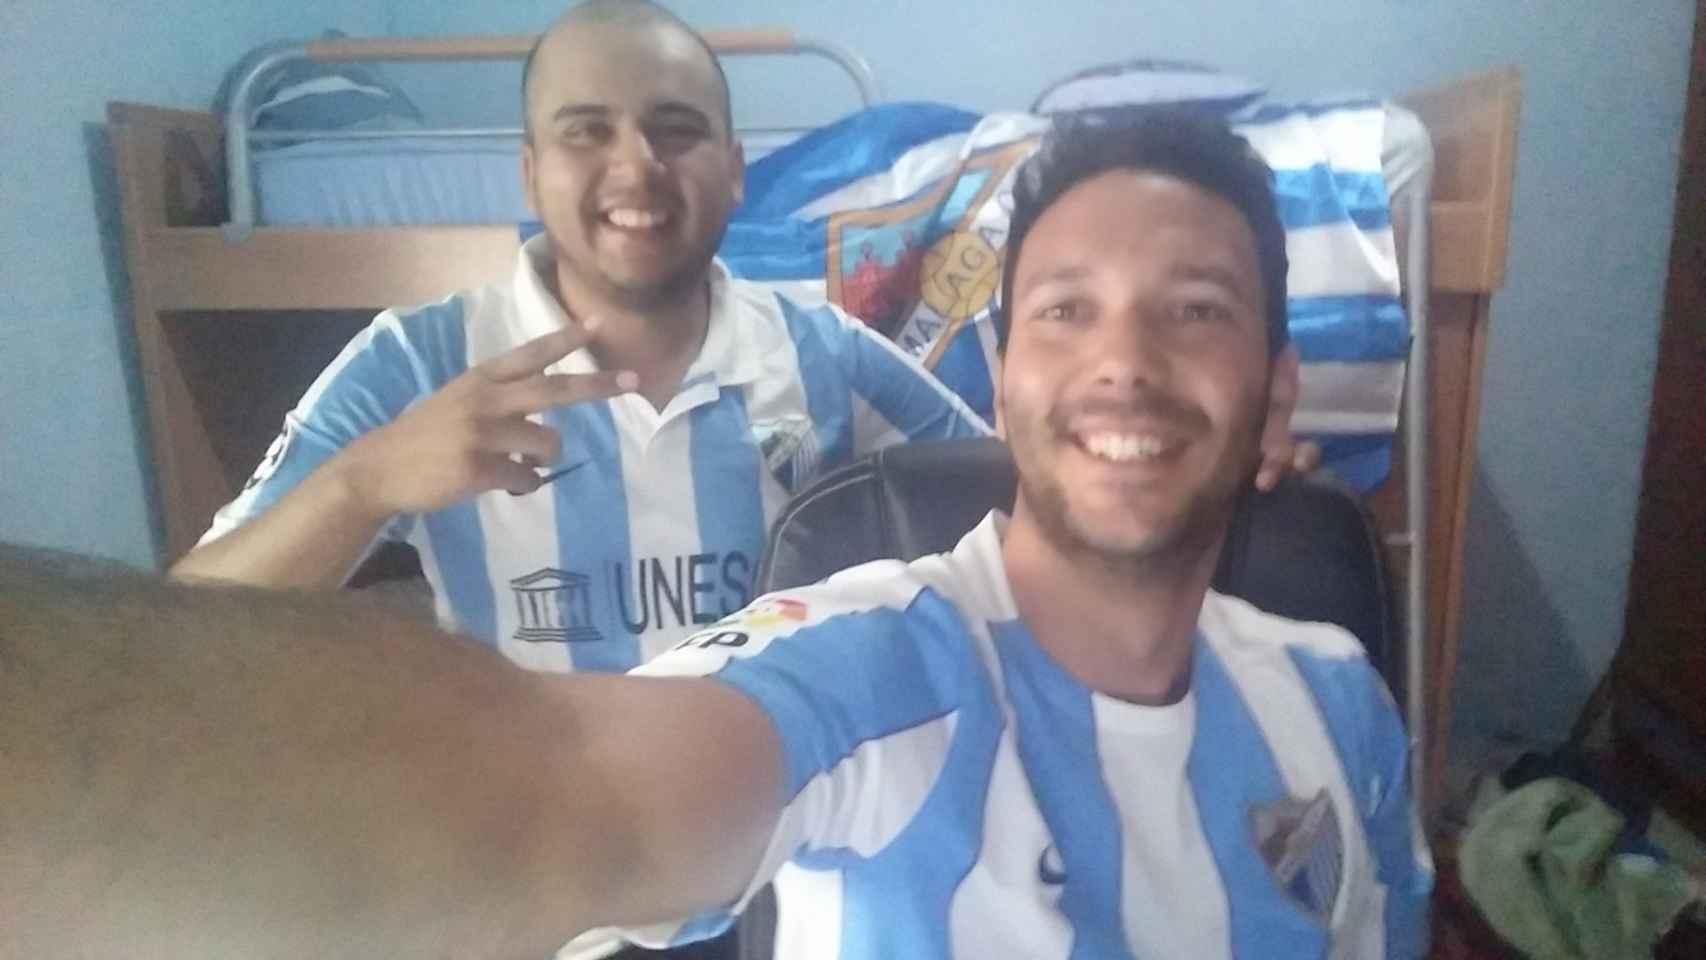 El selfie que nos han dedicado Michael, el americano malaguista, y su amigo Vale.